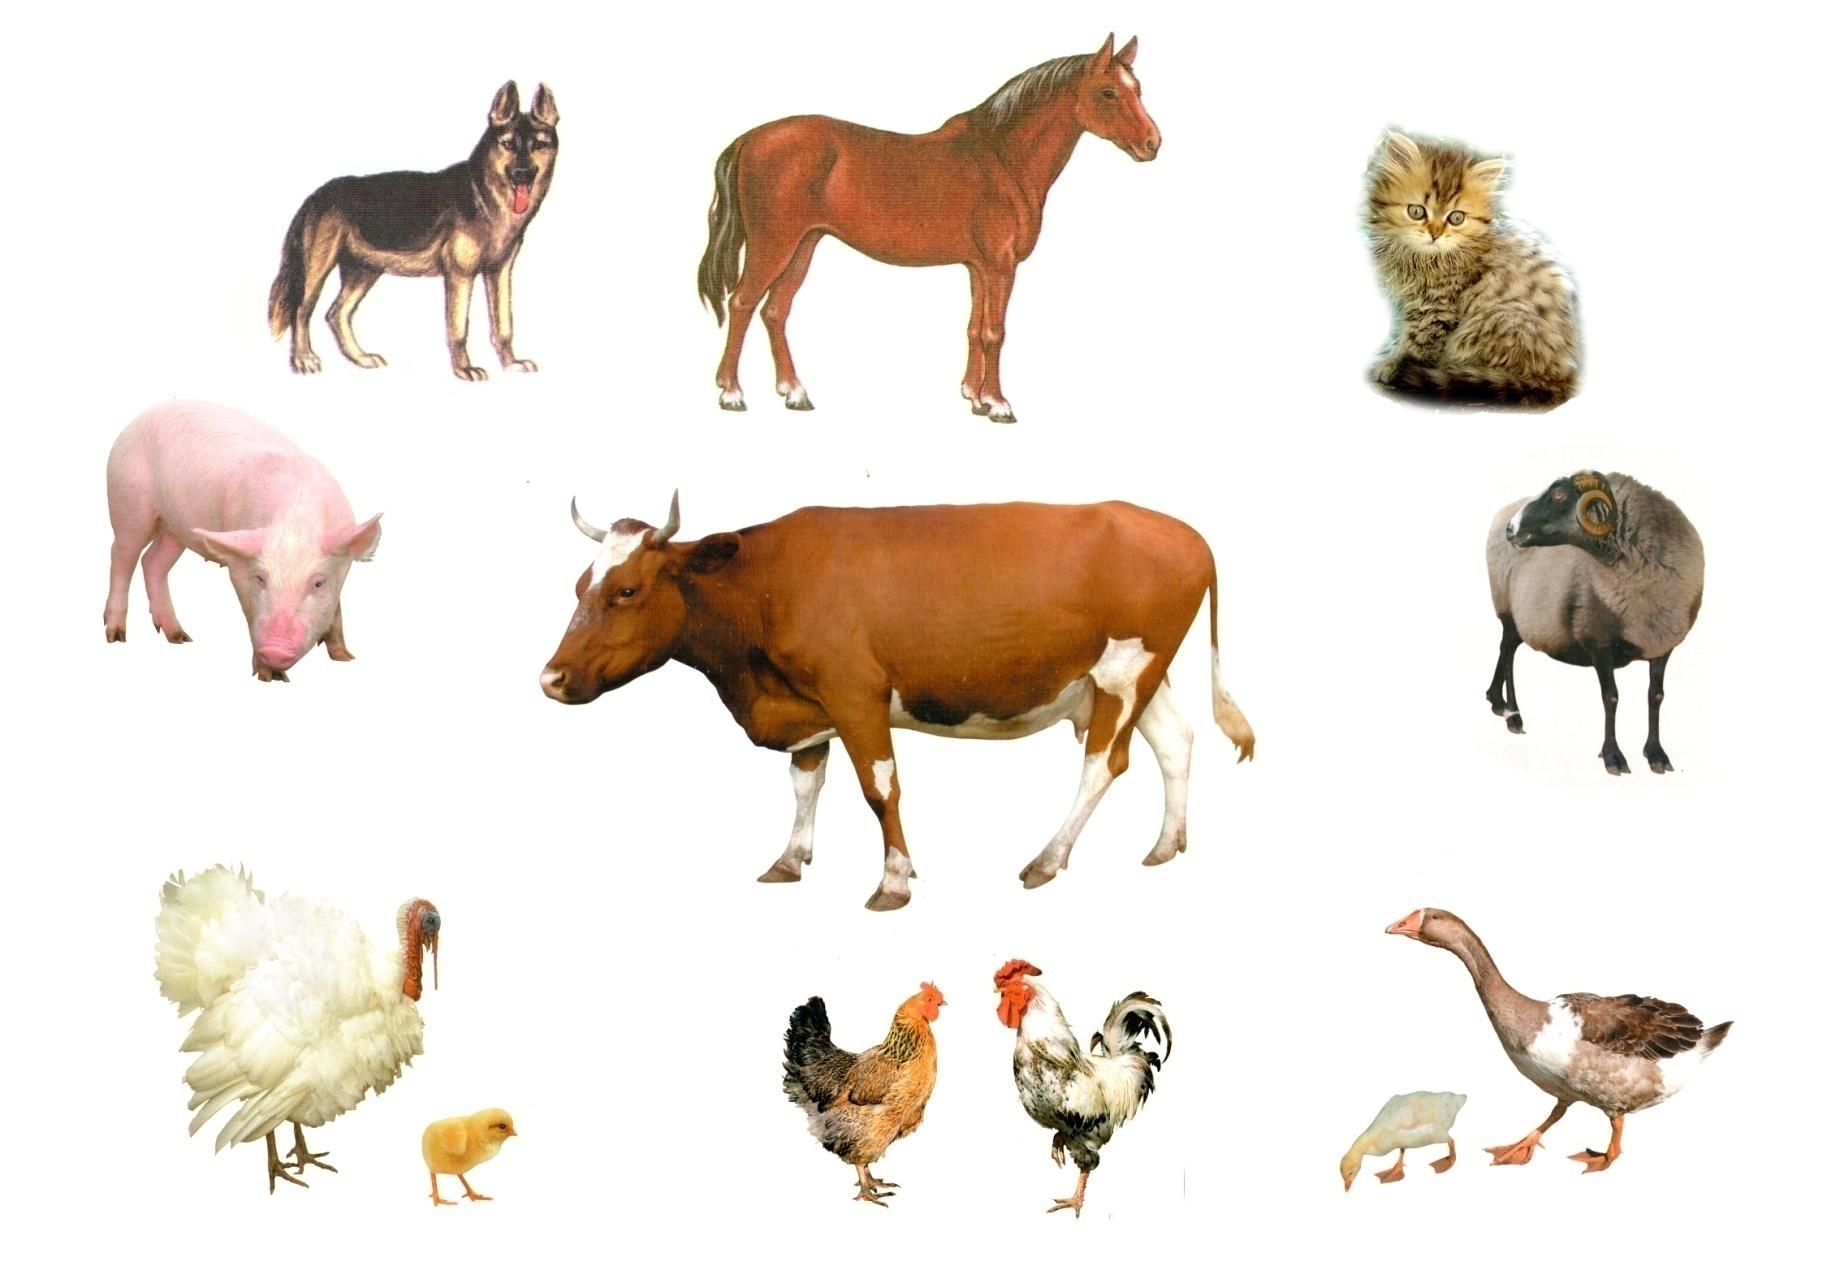 Ветеринарные препараты для лечения и профилактики птицы, свиней, крупного рогатого скота, коз, овец, лошадей, собак...